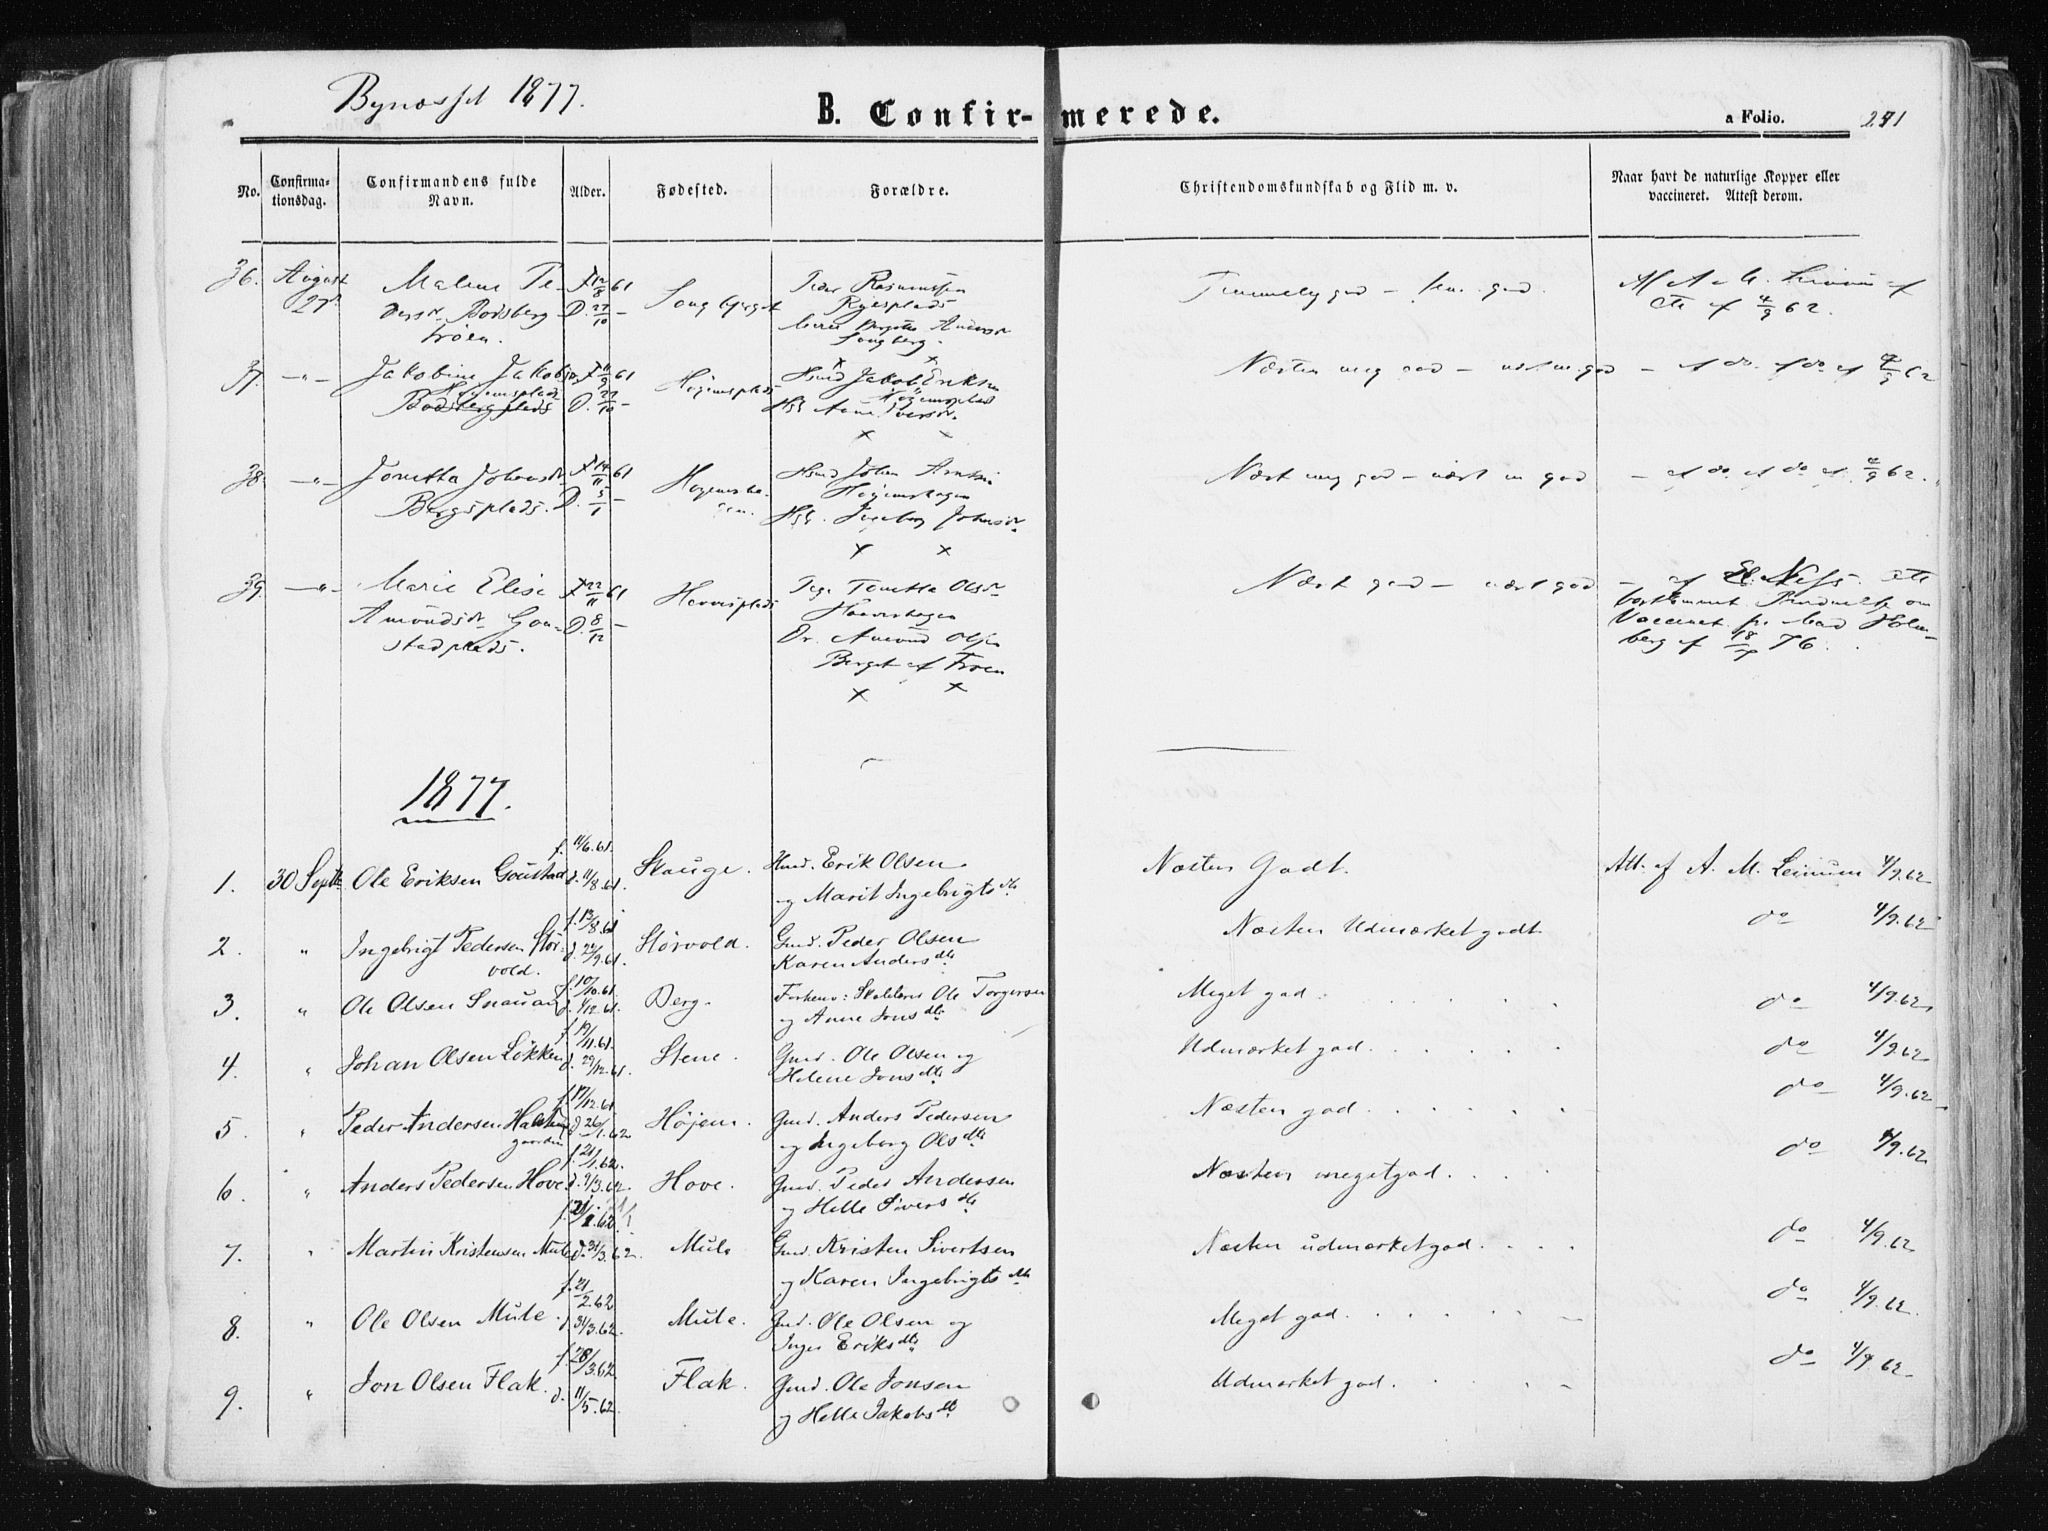 SAT, Ministerialprotokoller, klokkerbøker og fødselsregistre - Sør-Trøndelag, 612/L0377: Ministerialbok nr. 612A09, 1859-1877, s. 241